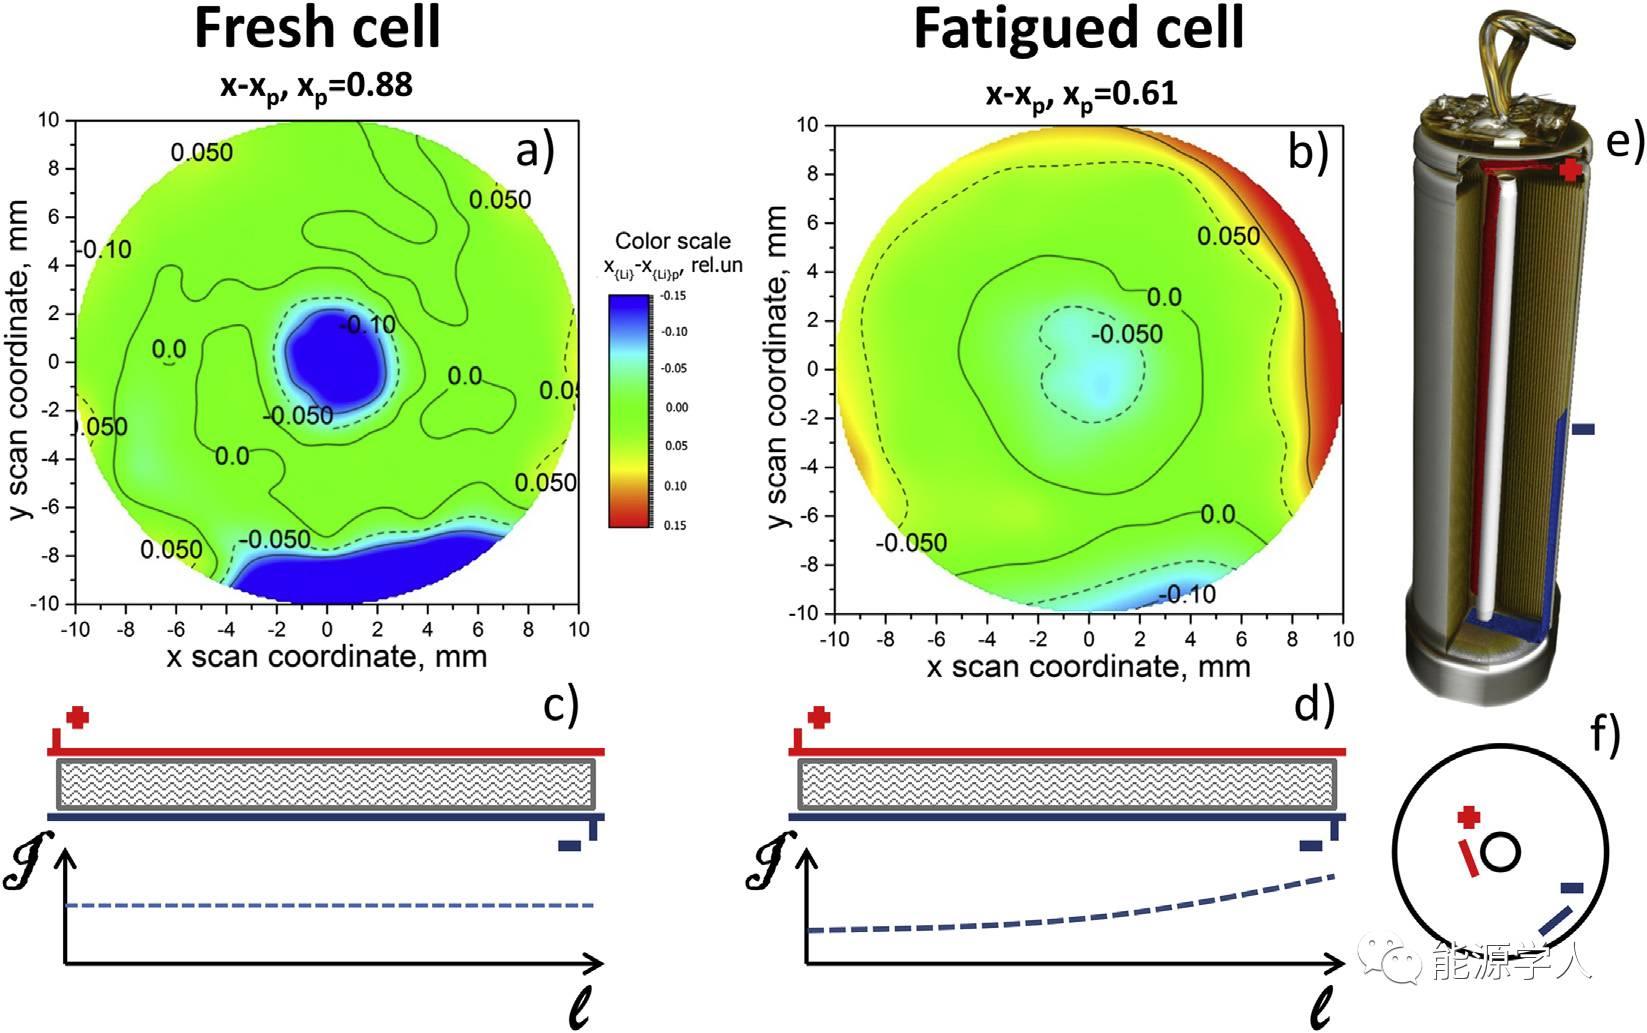 【电池生产】旧锂电池中Li的分布情况研究,用于优化电池设计